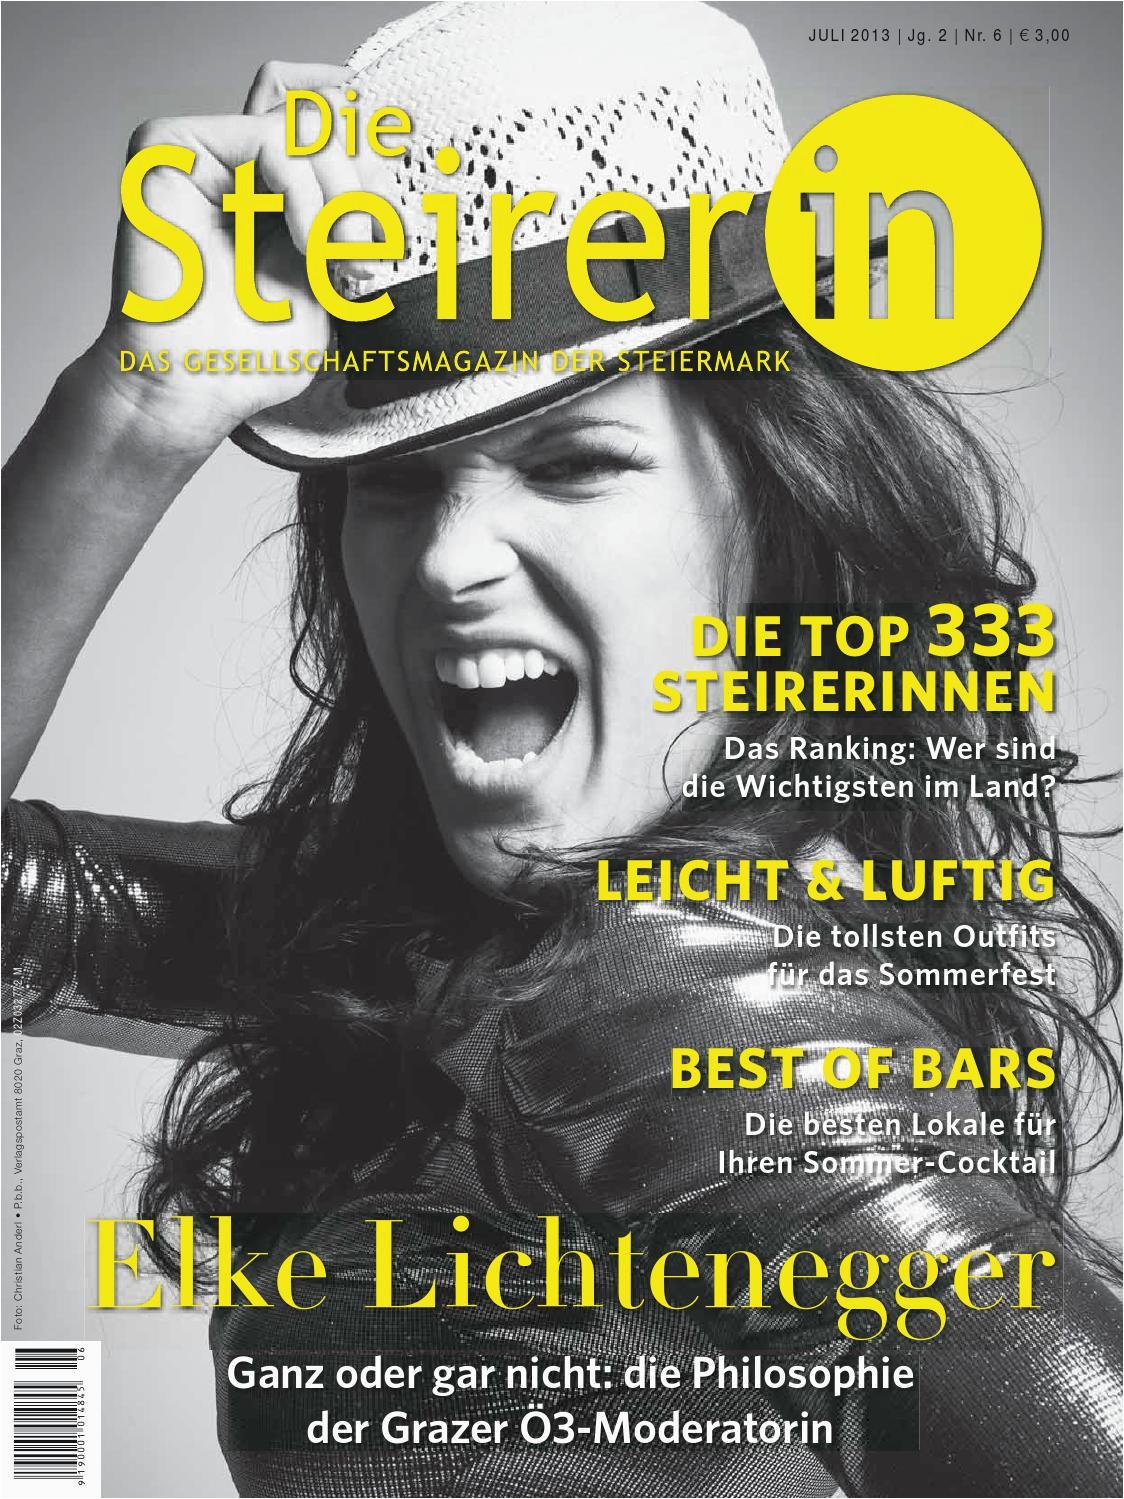 Lebenslauf Architektur Zenius Die Steirerin Juli August 2013 by Bundesländerinnen issuu